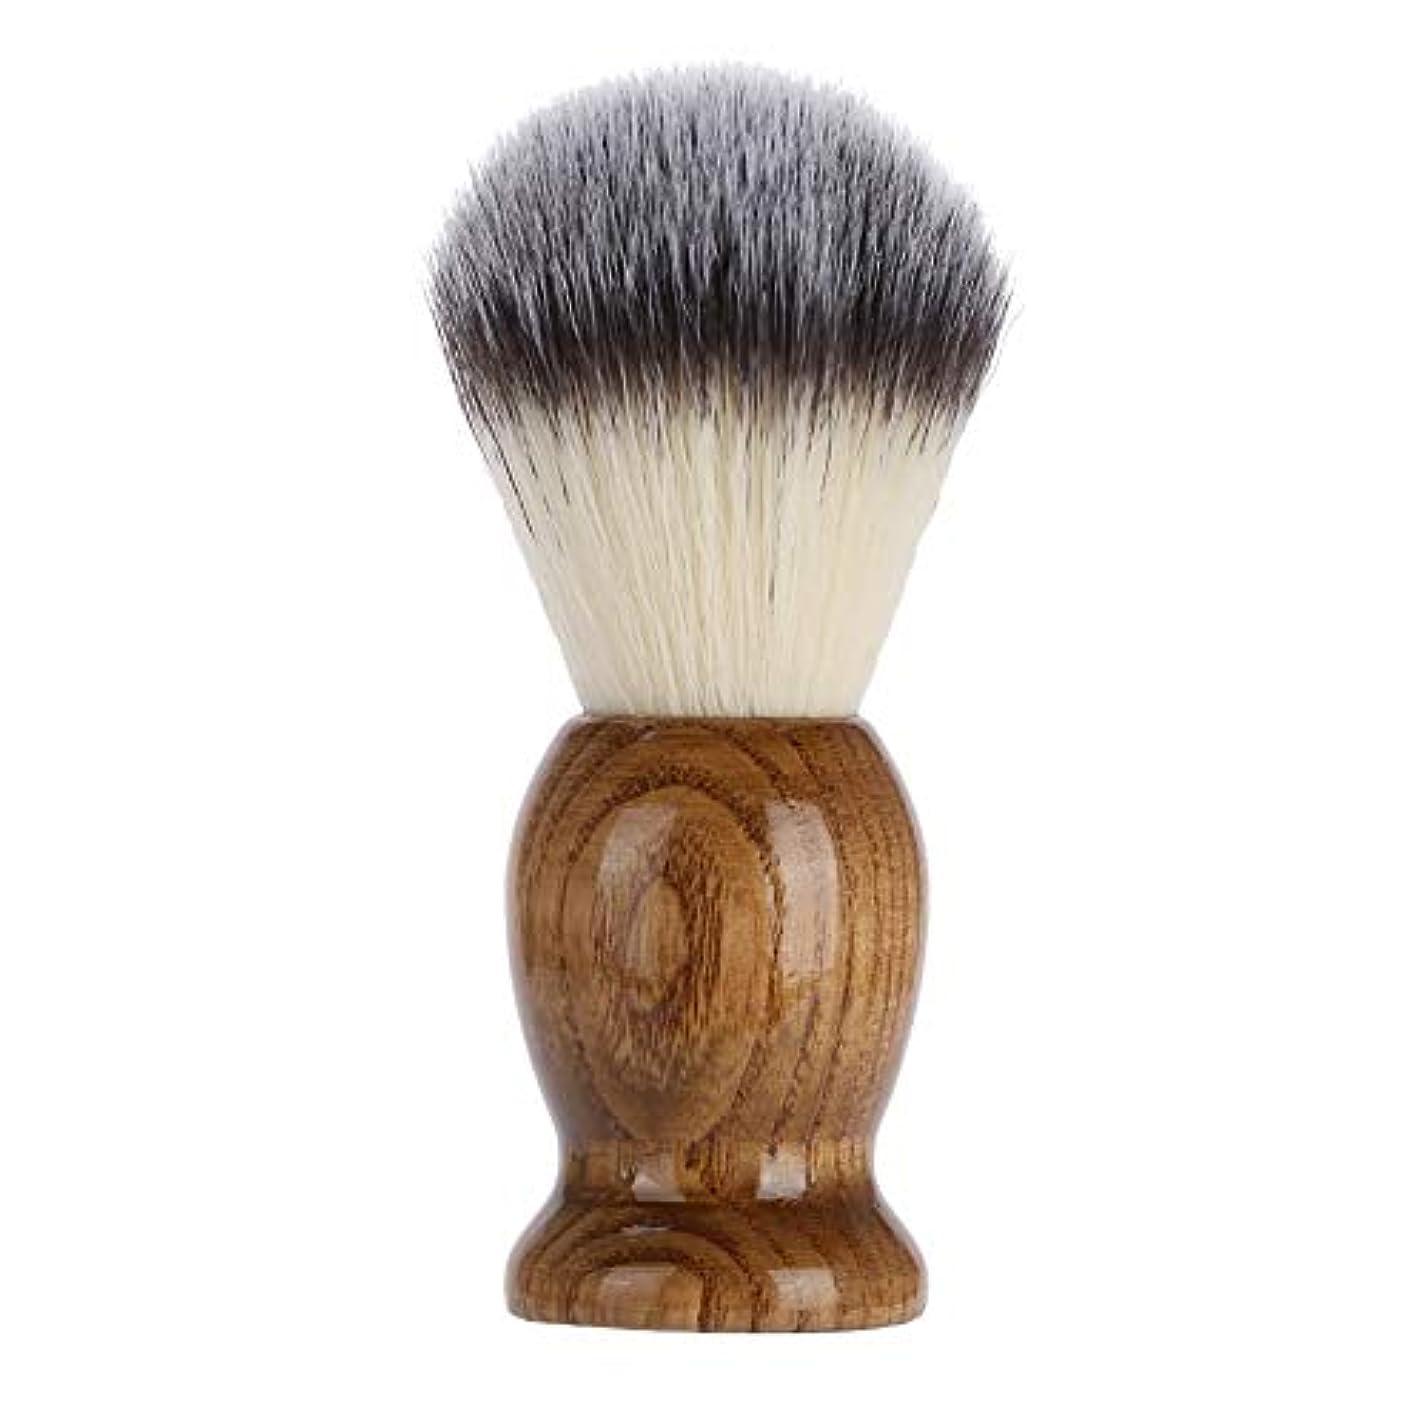 もっと少なく男印象ZJchao プロフェッショナル 木製シェービングブラシ 2色 あご髭シェービングブラシ 軽量 ポータブルサイズとハンドル付き サロンでの使用や旅行での使用に最適 ZJchao9m1n85gxus-02